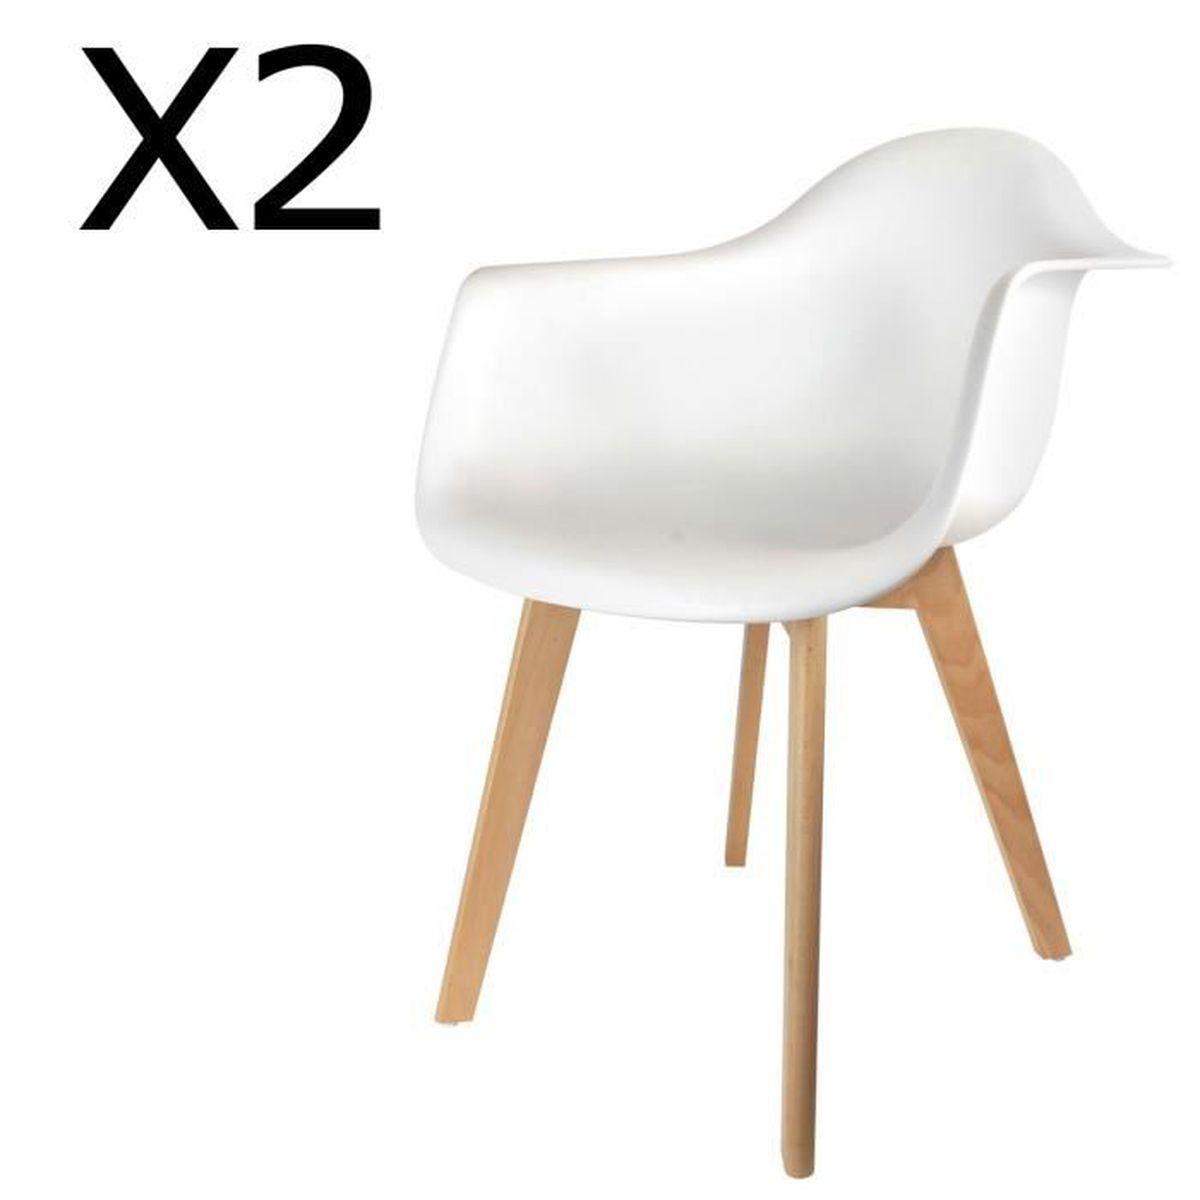 Canape plus fauteuil blanc Achat Vente Canape plus fauteuil